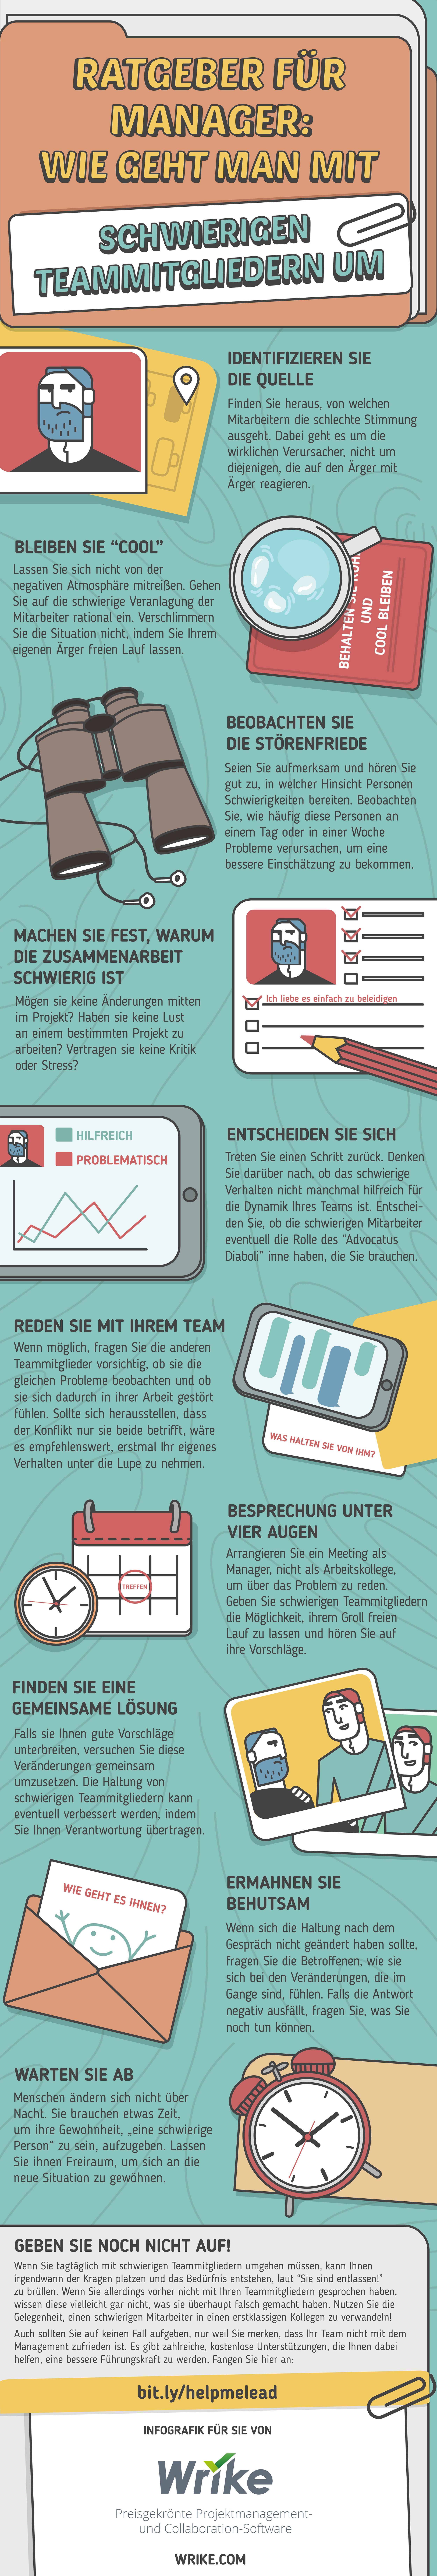 Ein Ratgeber für Manager, wie man mit schwierigen Teammitgliedern umgeht (Infografik)